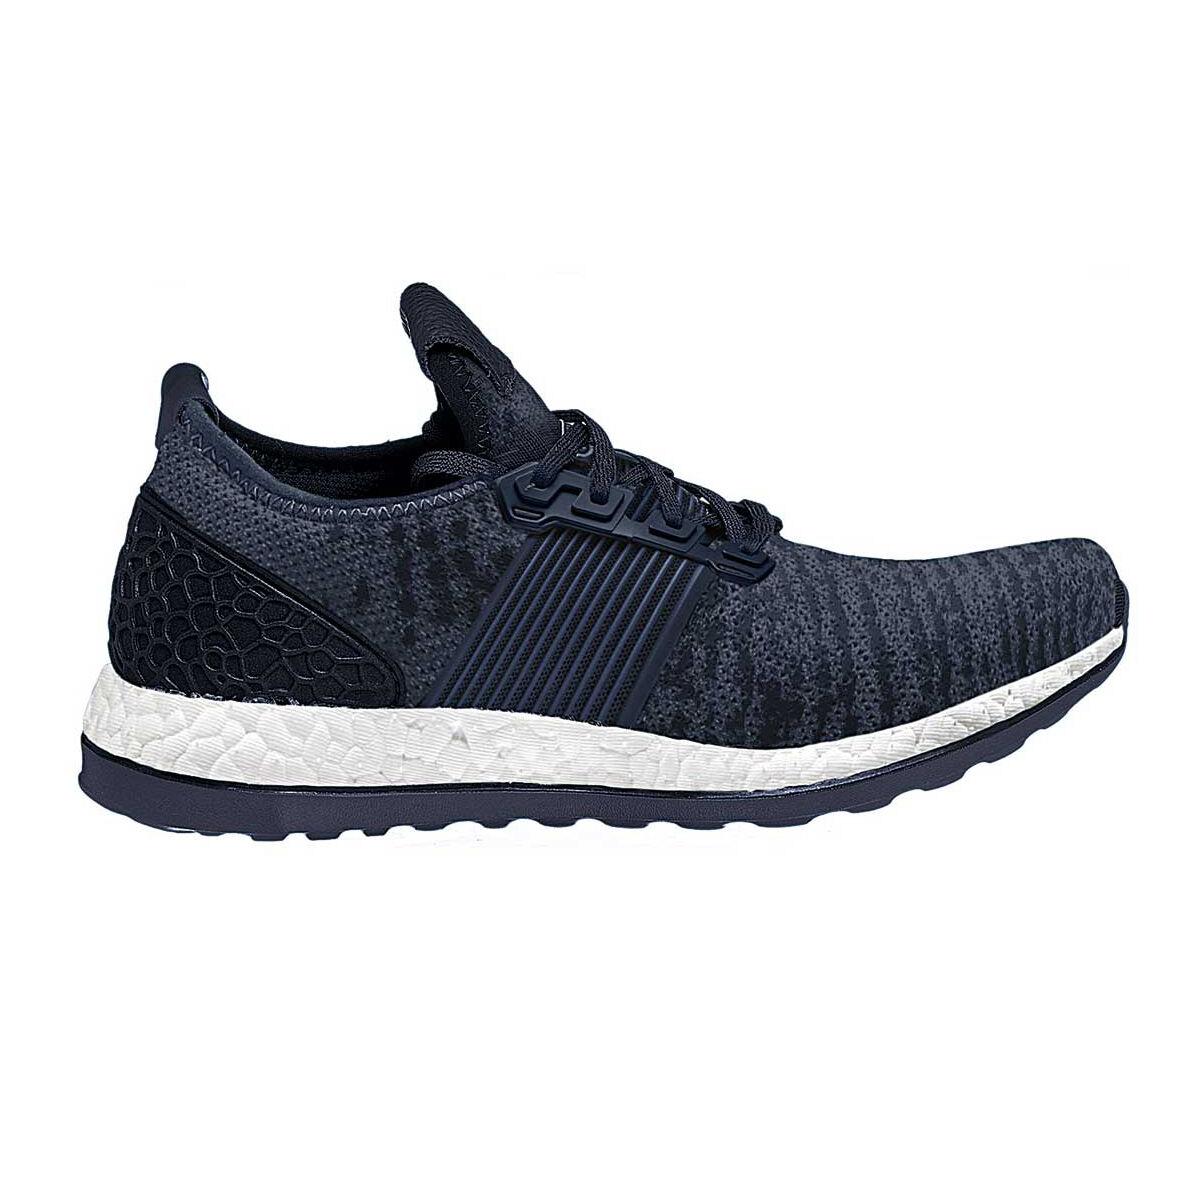 online store e3741 54e70 ... australia adidas pureboost zg mens running shoes navy white us 7 navy  white 46aa3 501f6 ...